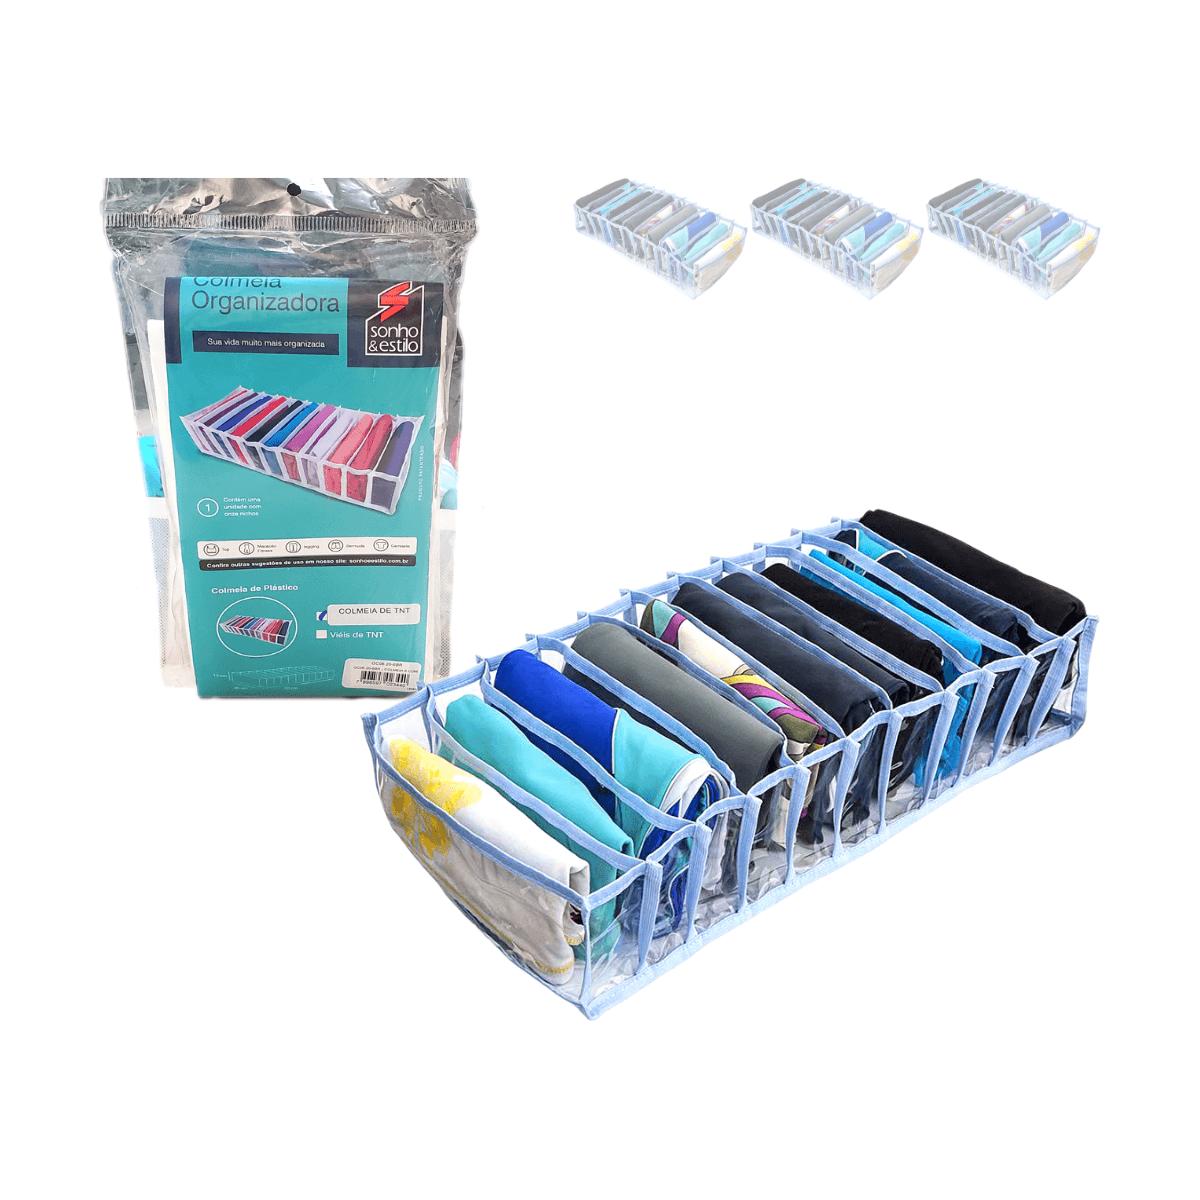 Colmeia Organizadora De Gaveta 11 Nichos Azul V.Gorg. 20x50x10cm 1 un